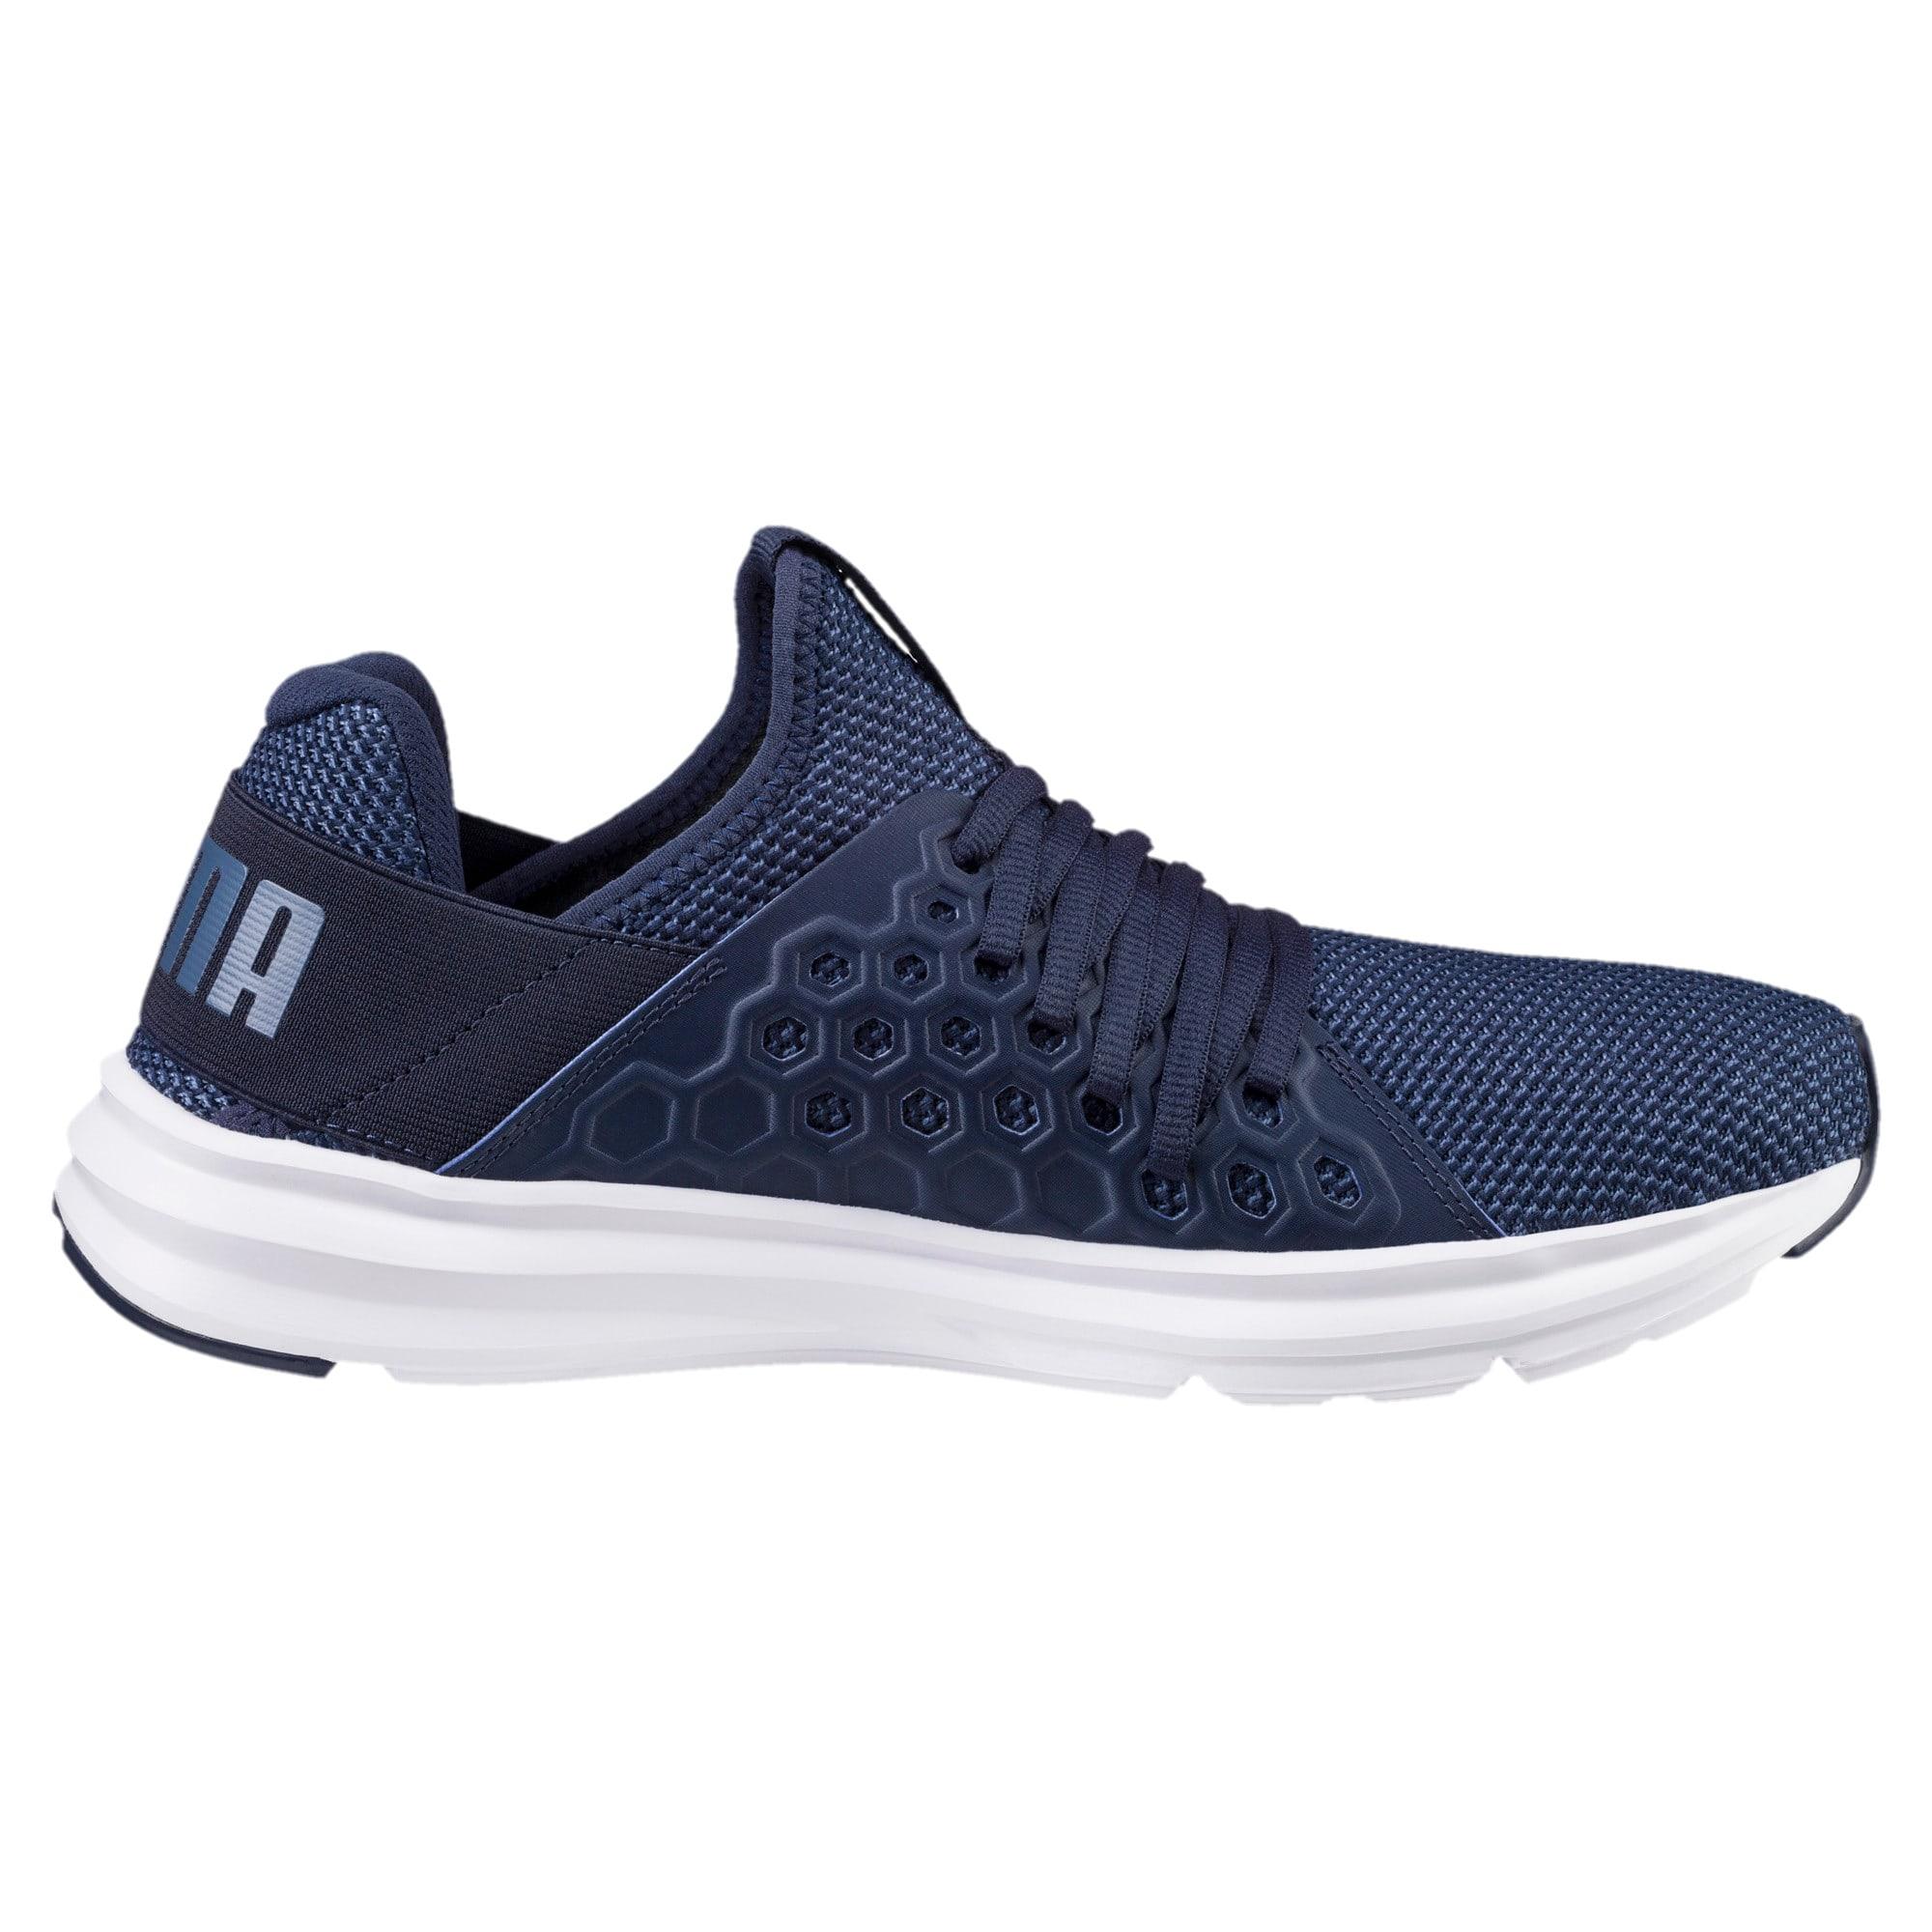 Thumbnail 4 of Enzo NETFIT Men's Training Shoes, Peacoat-Blue Indigo, medium-IND